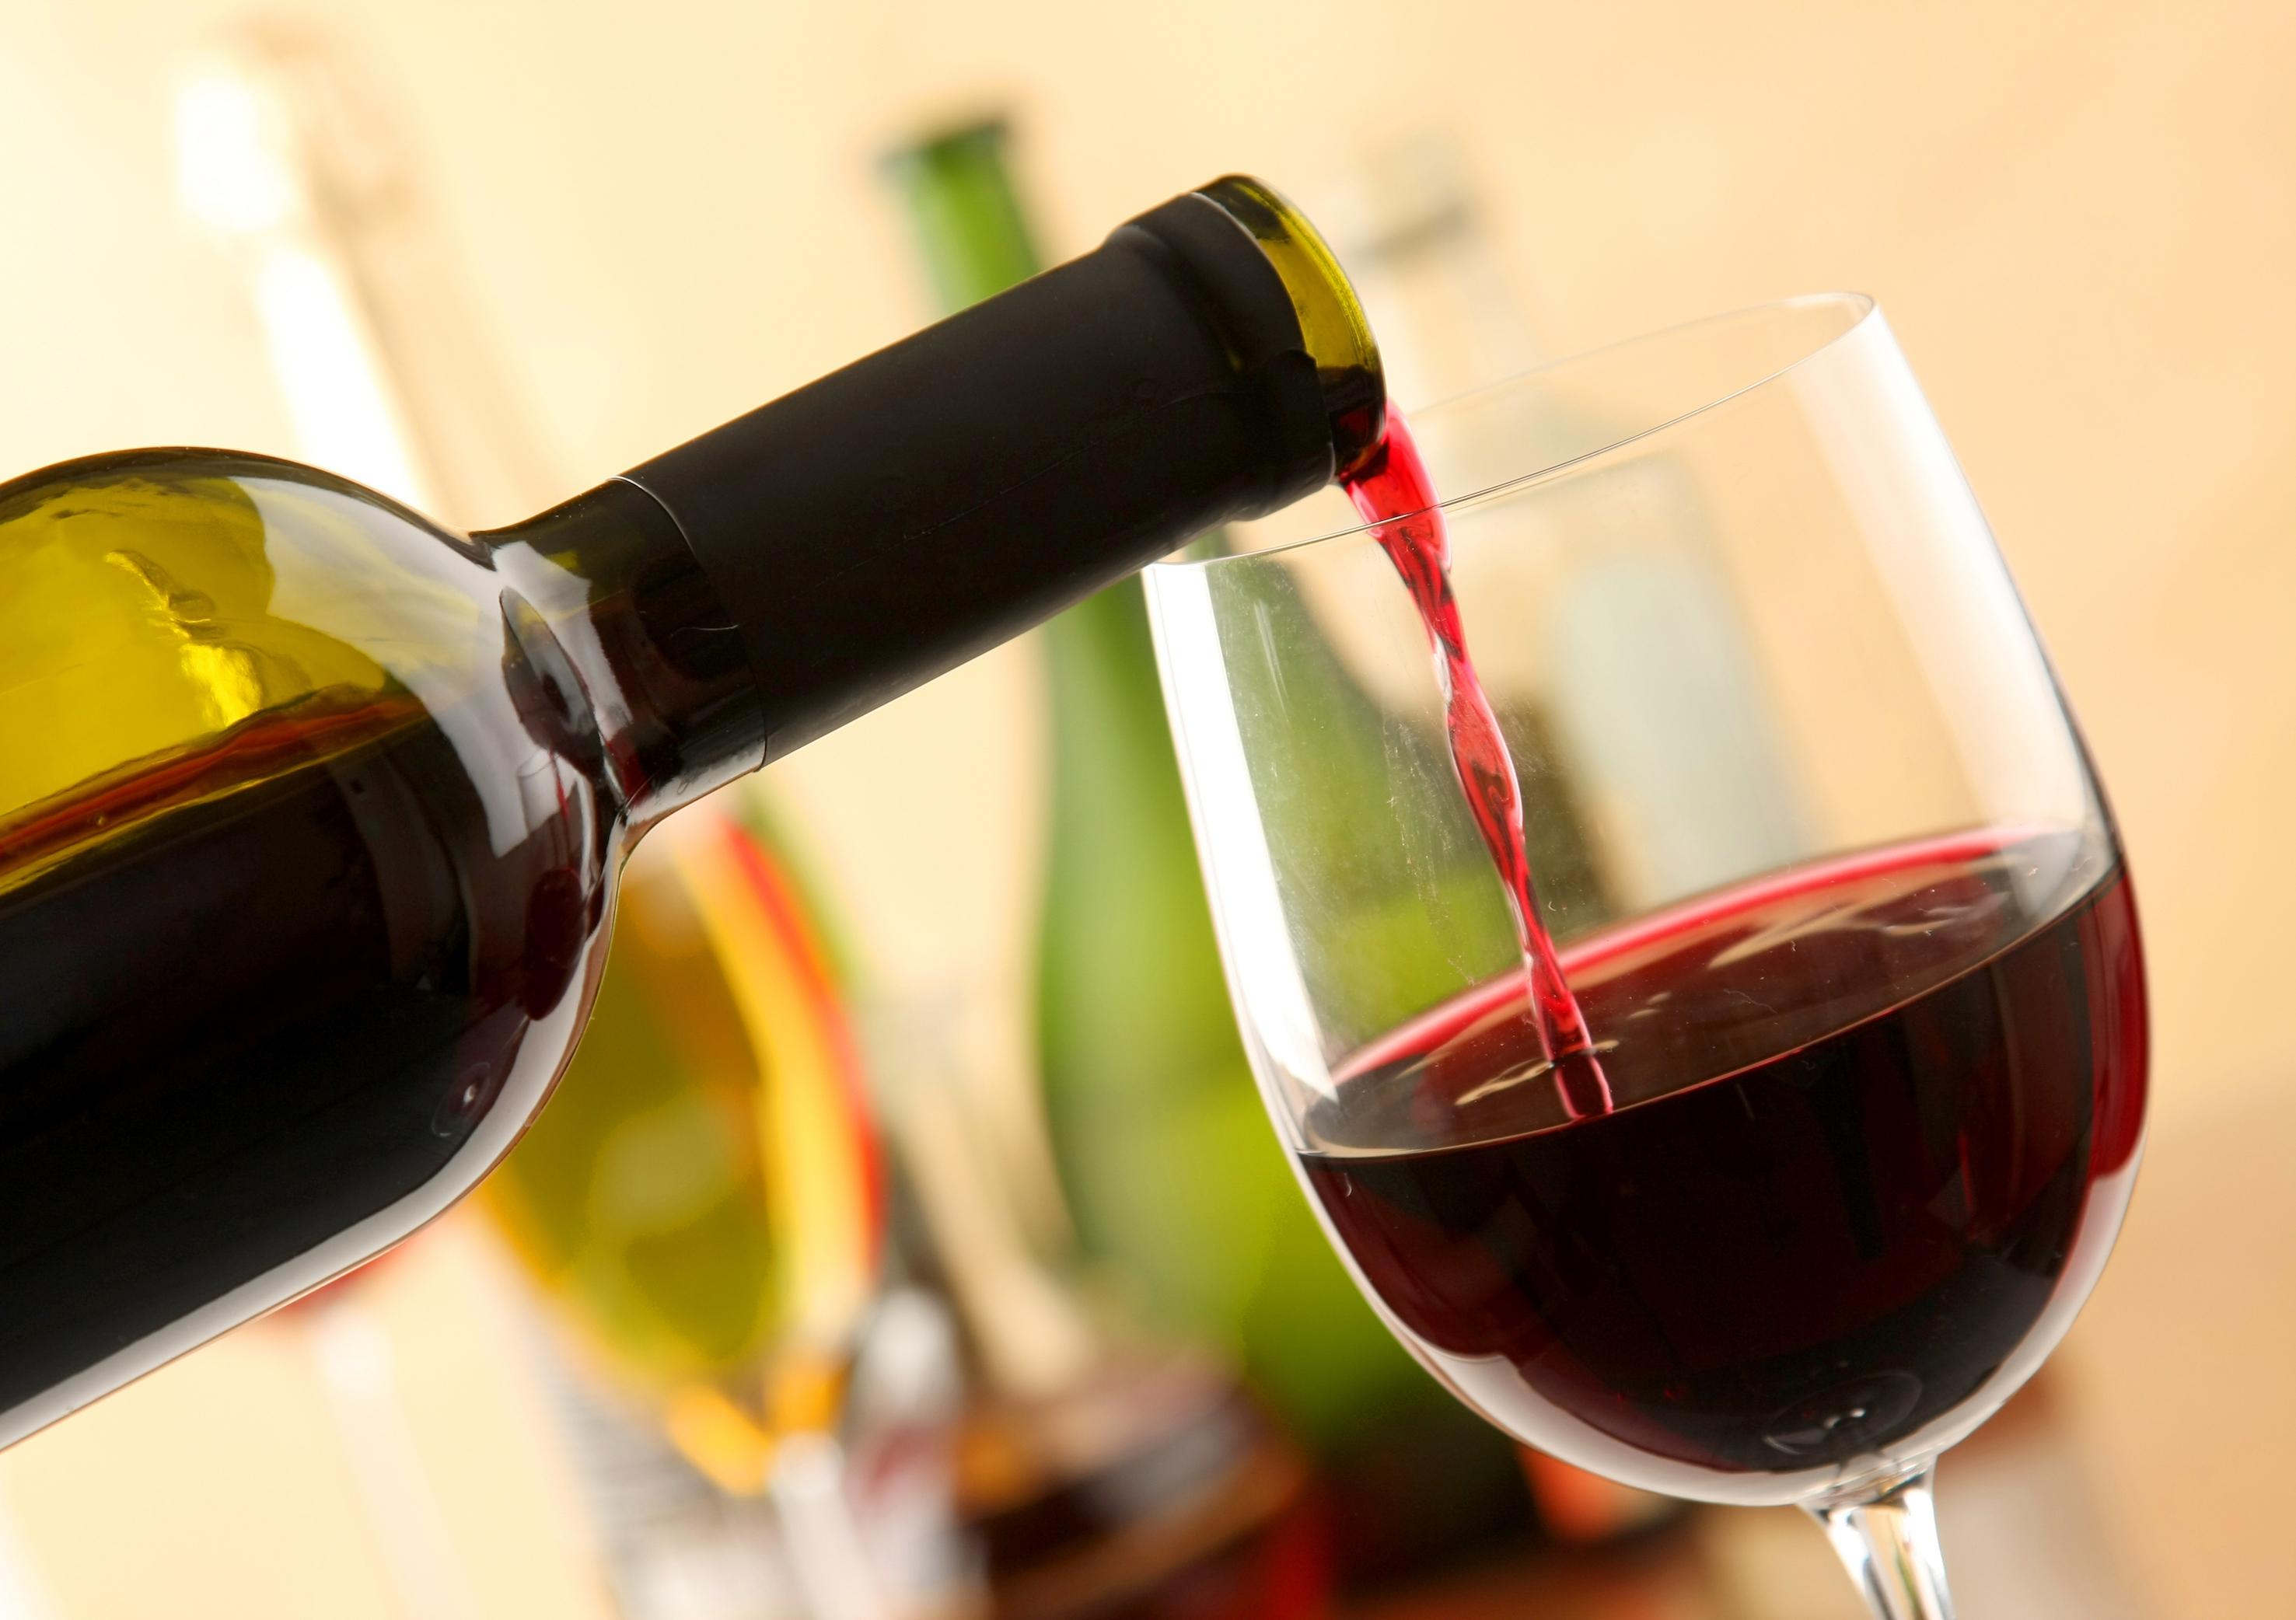 Bewezen: rode wijn drinken maakt je aantrekkelijker